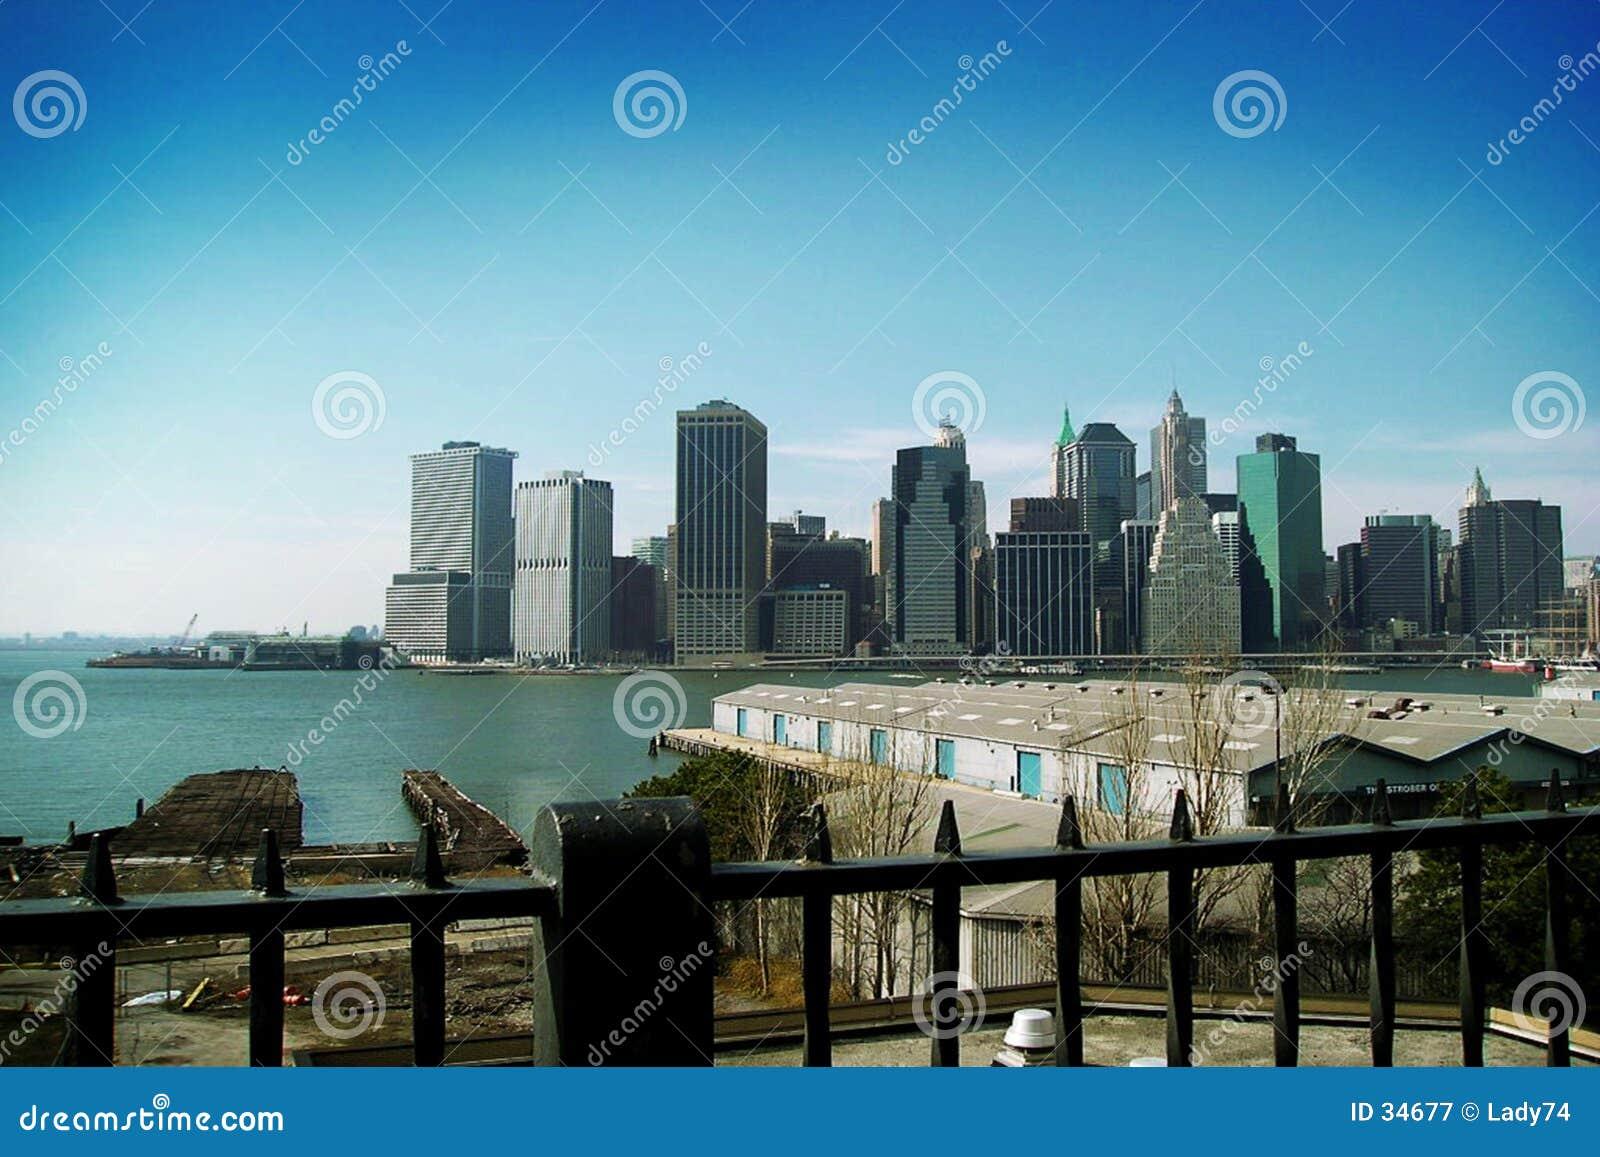 Blue NY